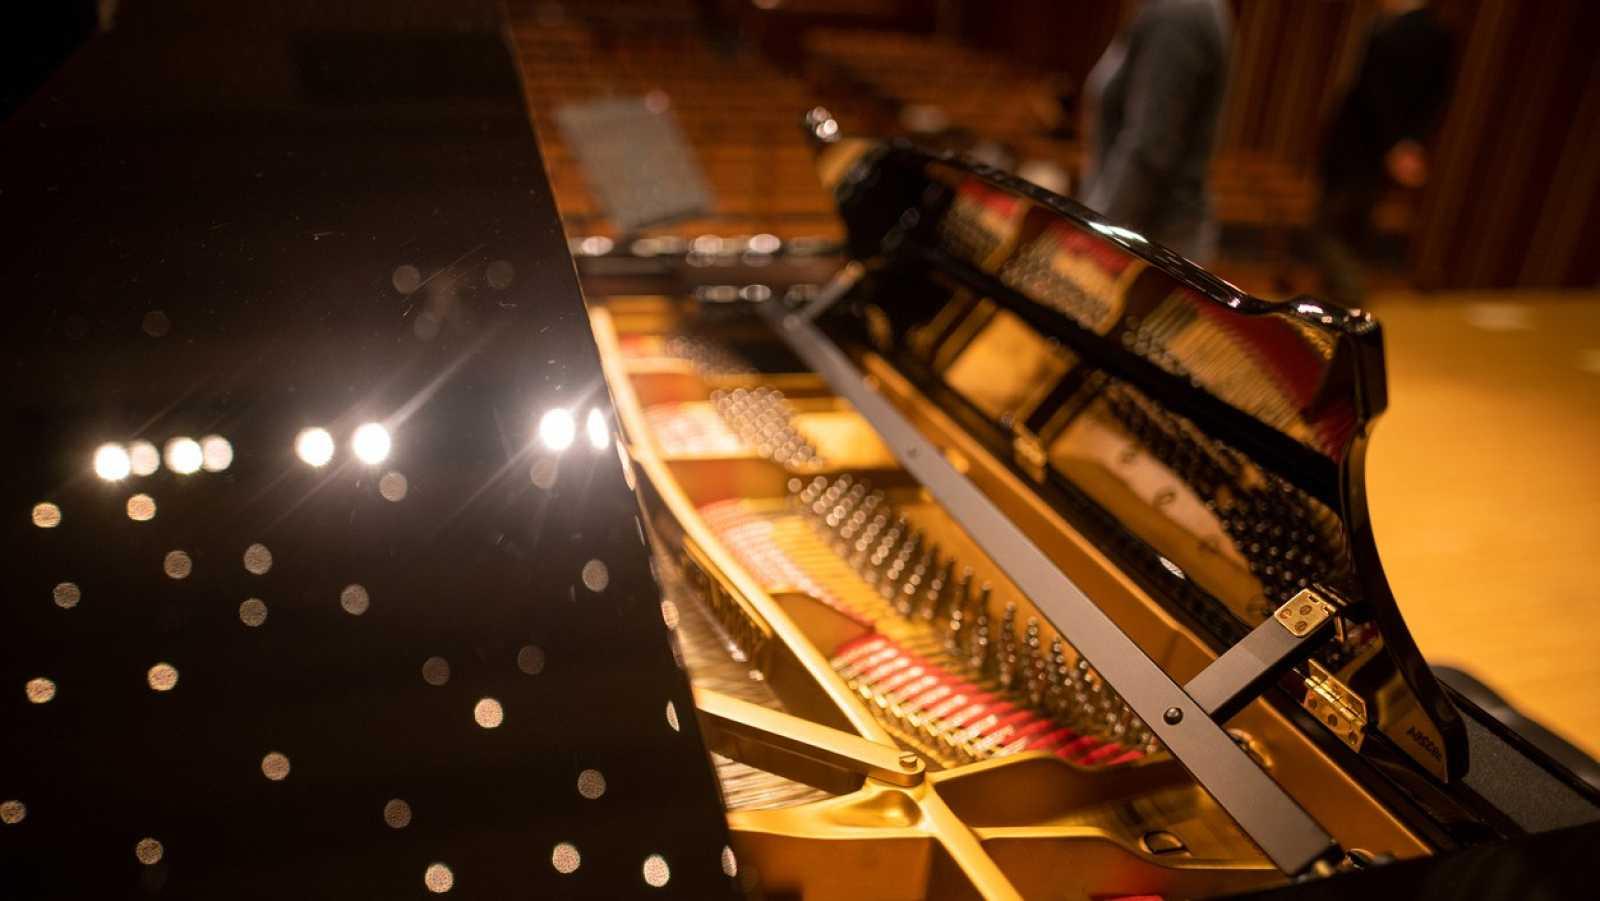 Gran repertorio - MOZART: Concierto para piano y orquesta n. 21 - 01/03/20 - escuchar ahora